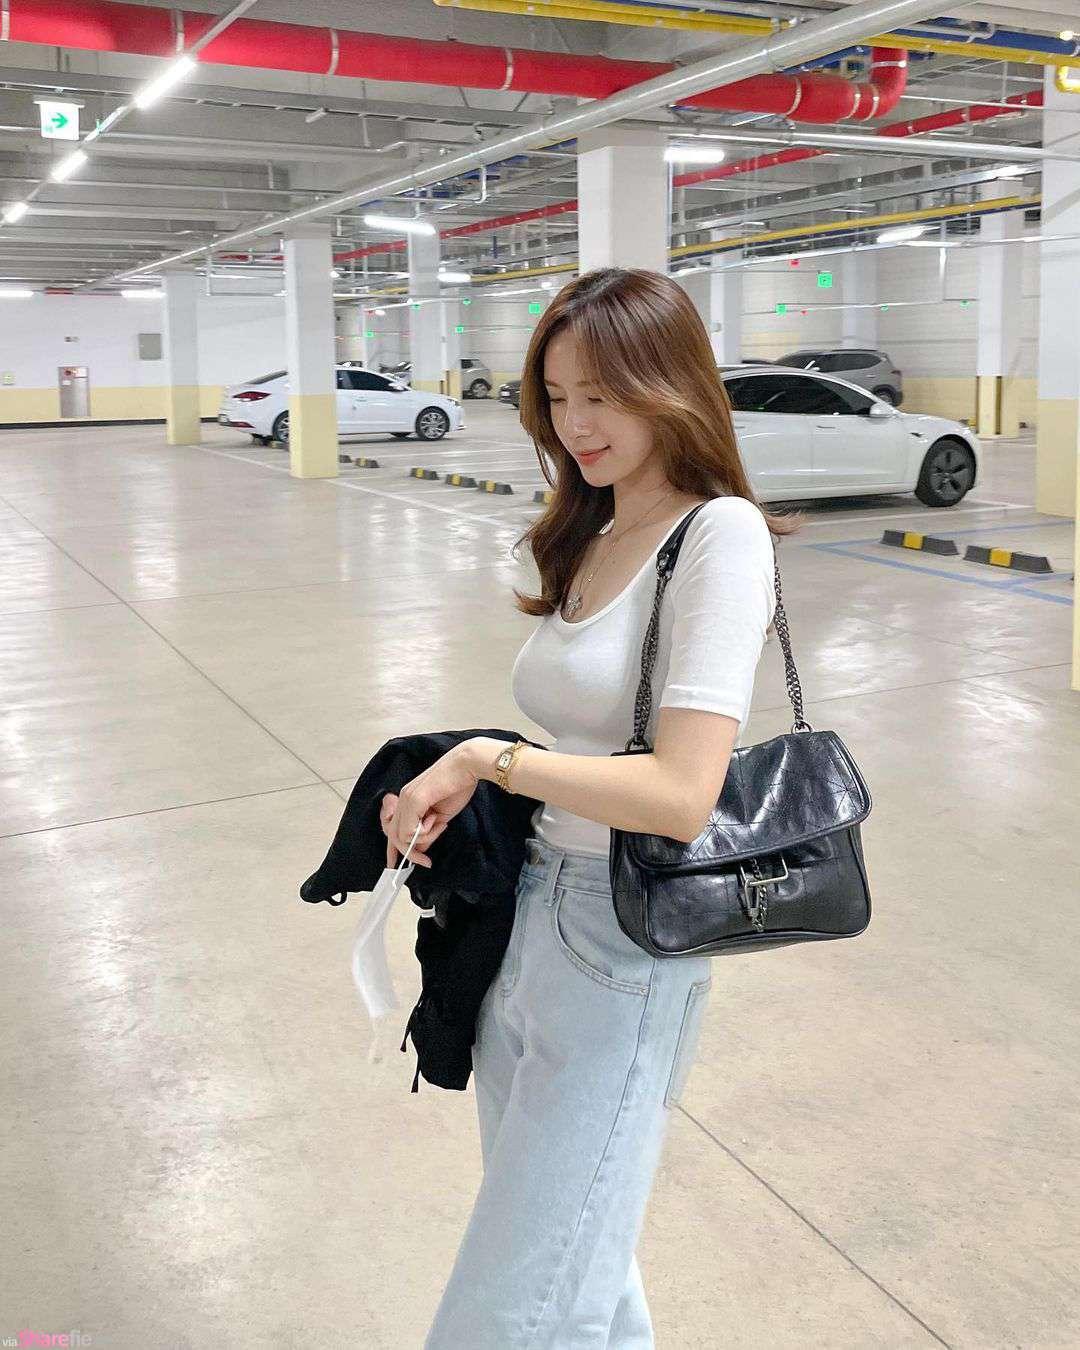 服裝網店老板娘停車場美拍,氣質甜美一眼迷上她